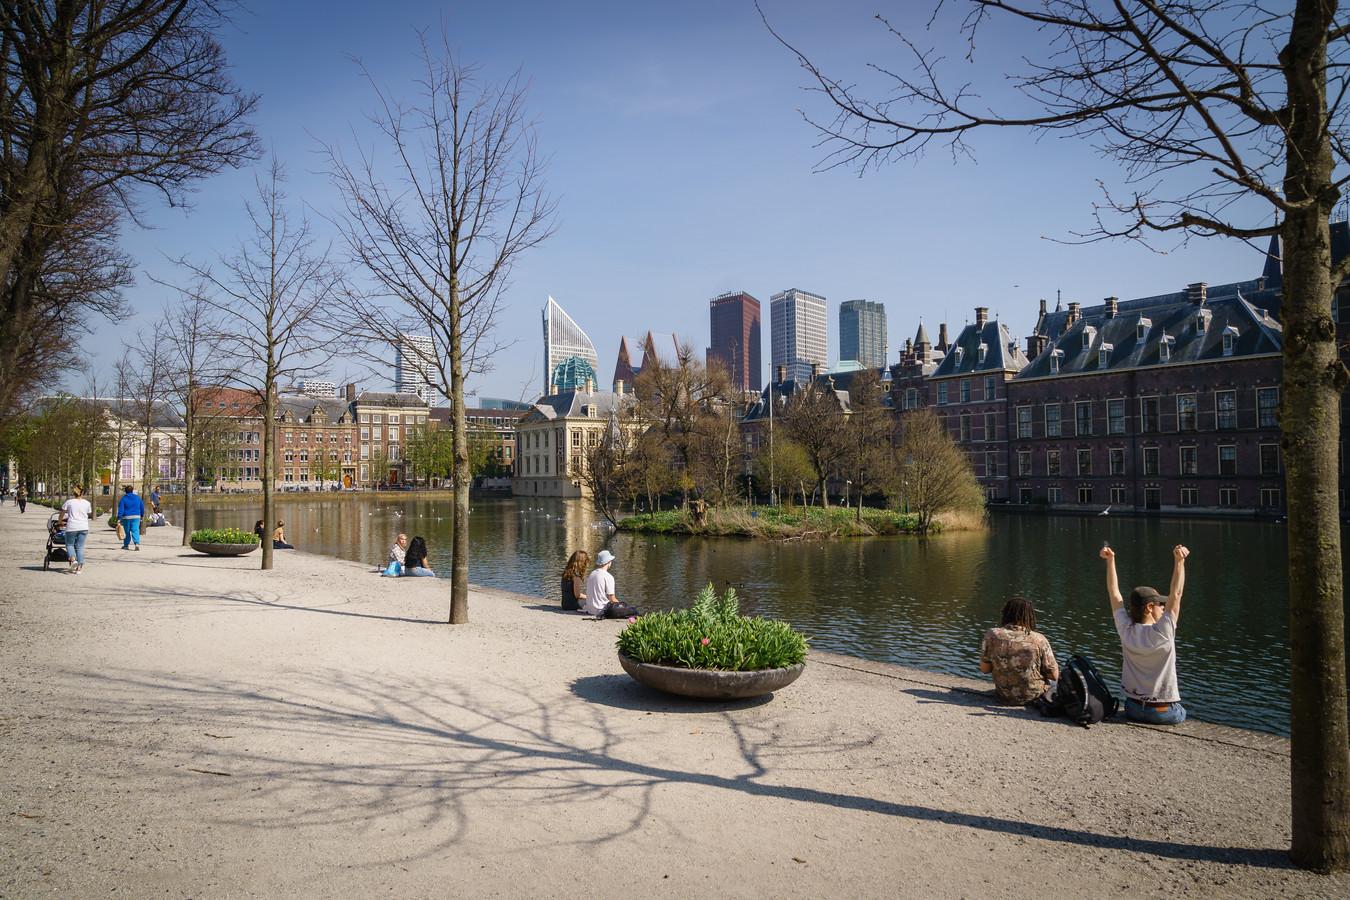 Keren de bezoekers ooit weer in groten getale terug naar Den Haag? ,,Dat is moeilijk te voorspellen.''